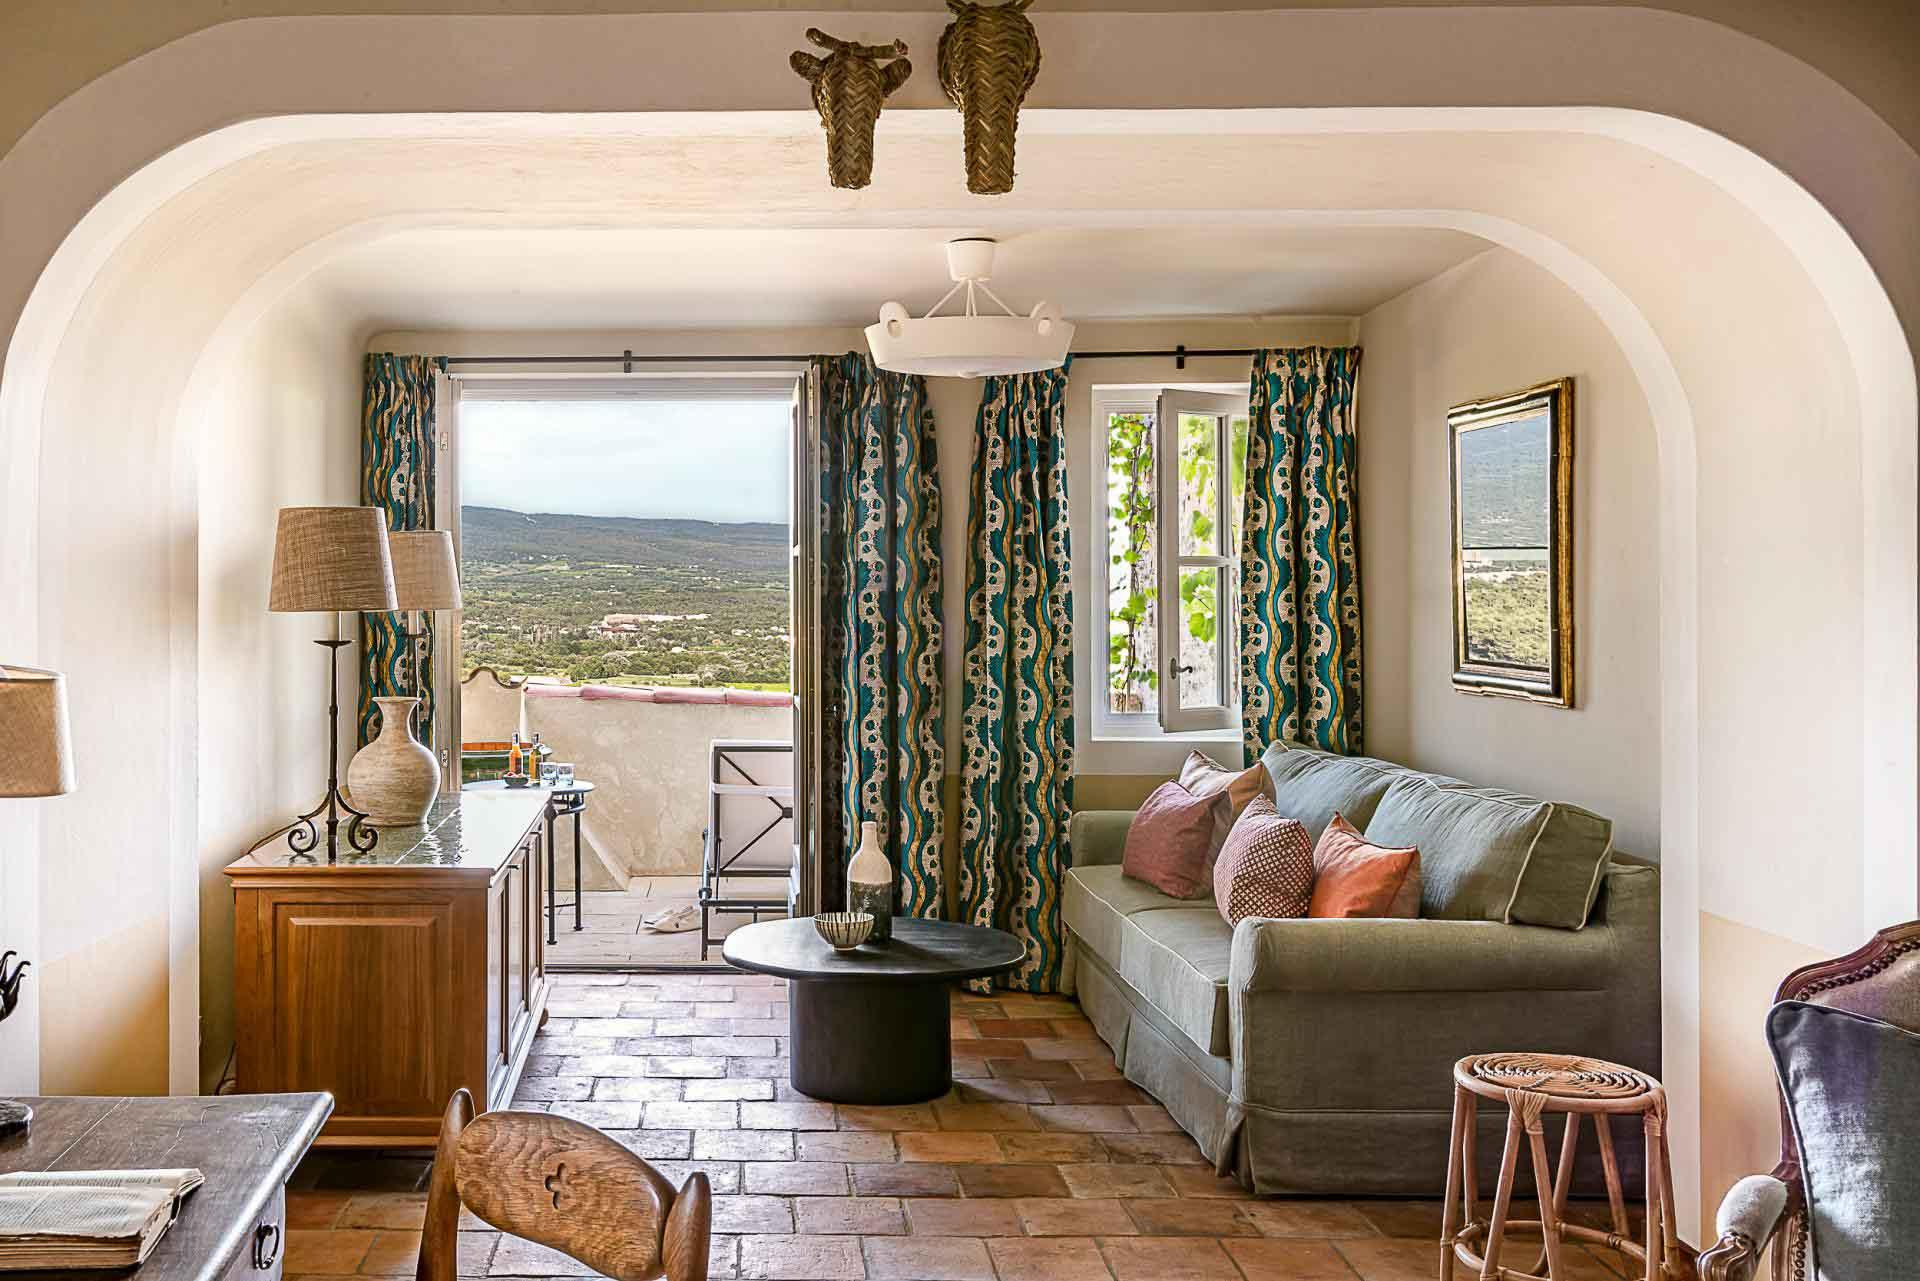 Les chambres au charme tout provençal offrent une vue imprenable © DR